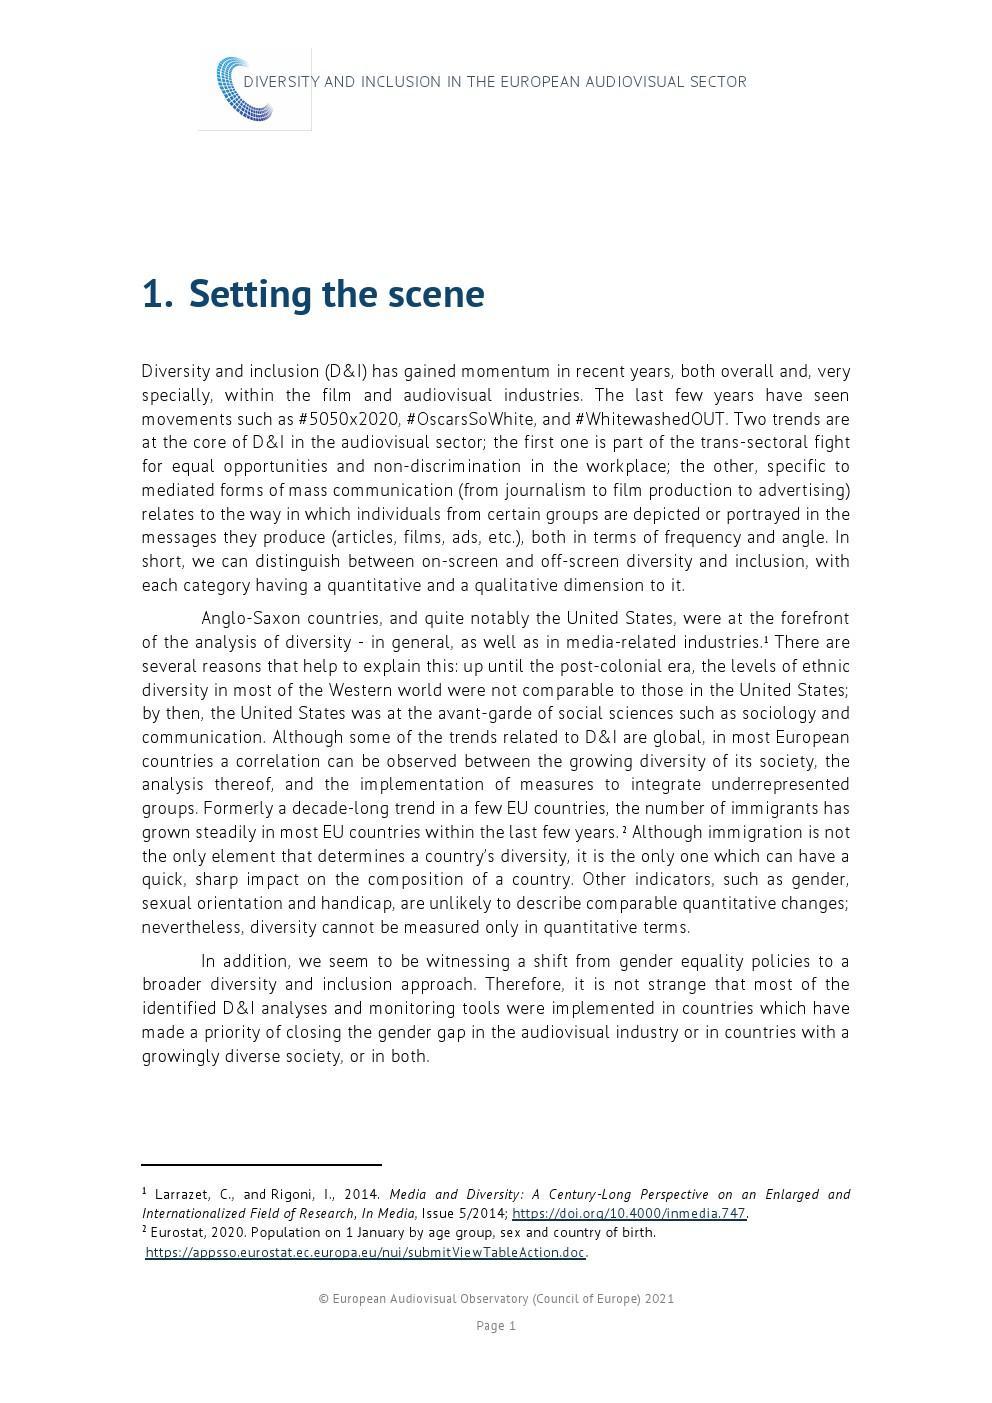 IRIS:2021年歐洲視聽行業多樣性和包容性報告